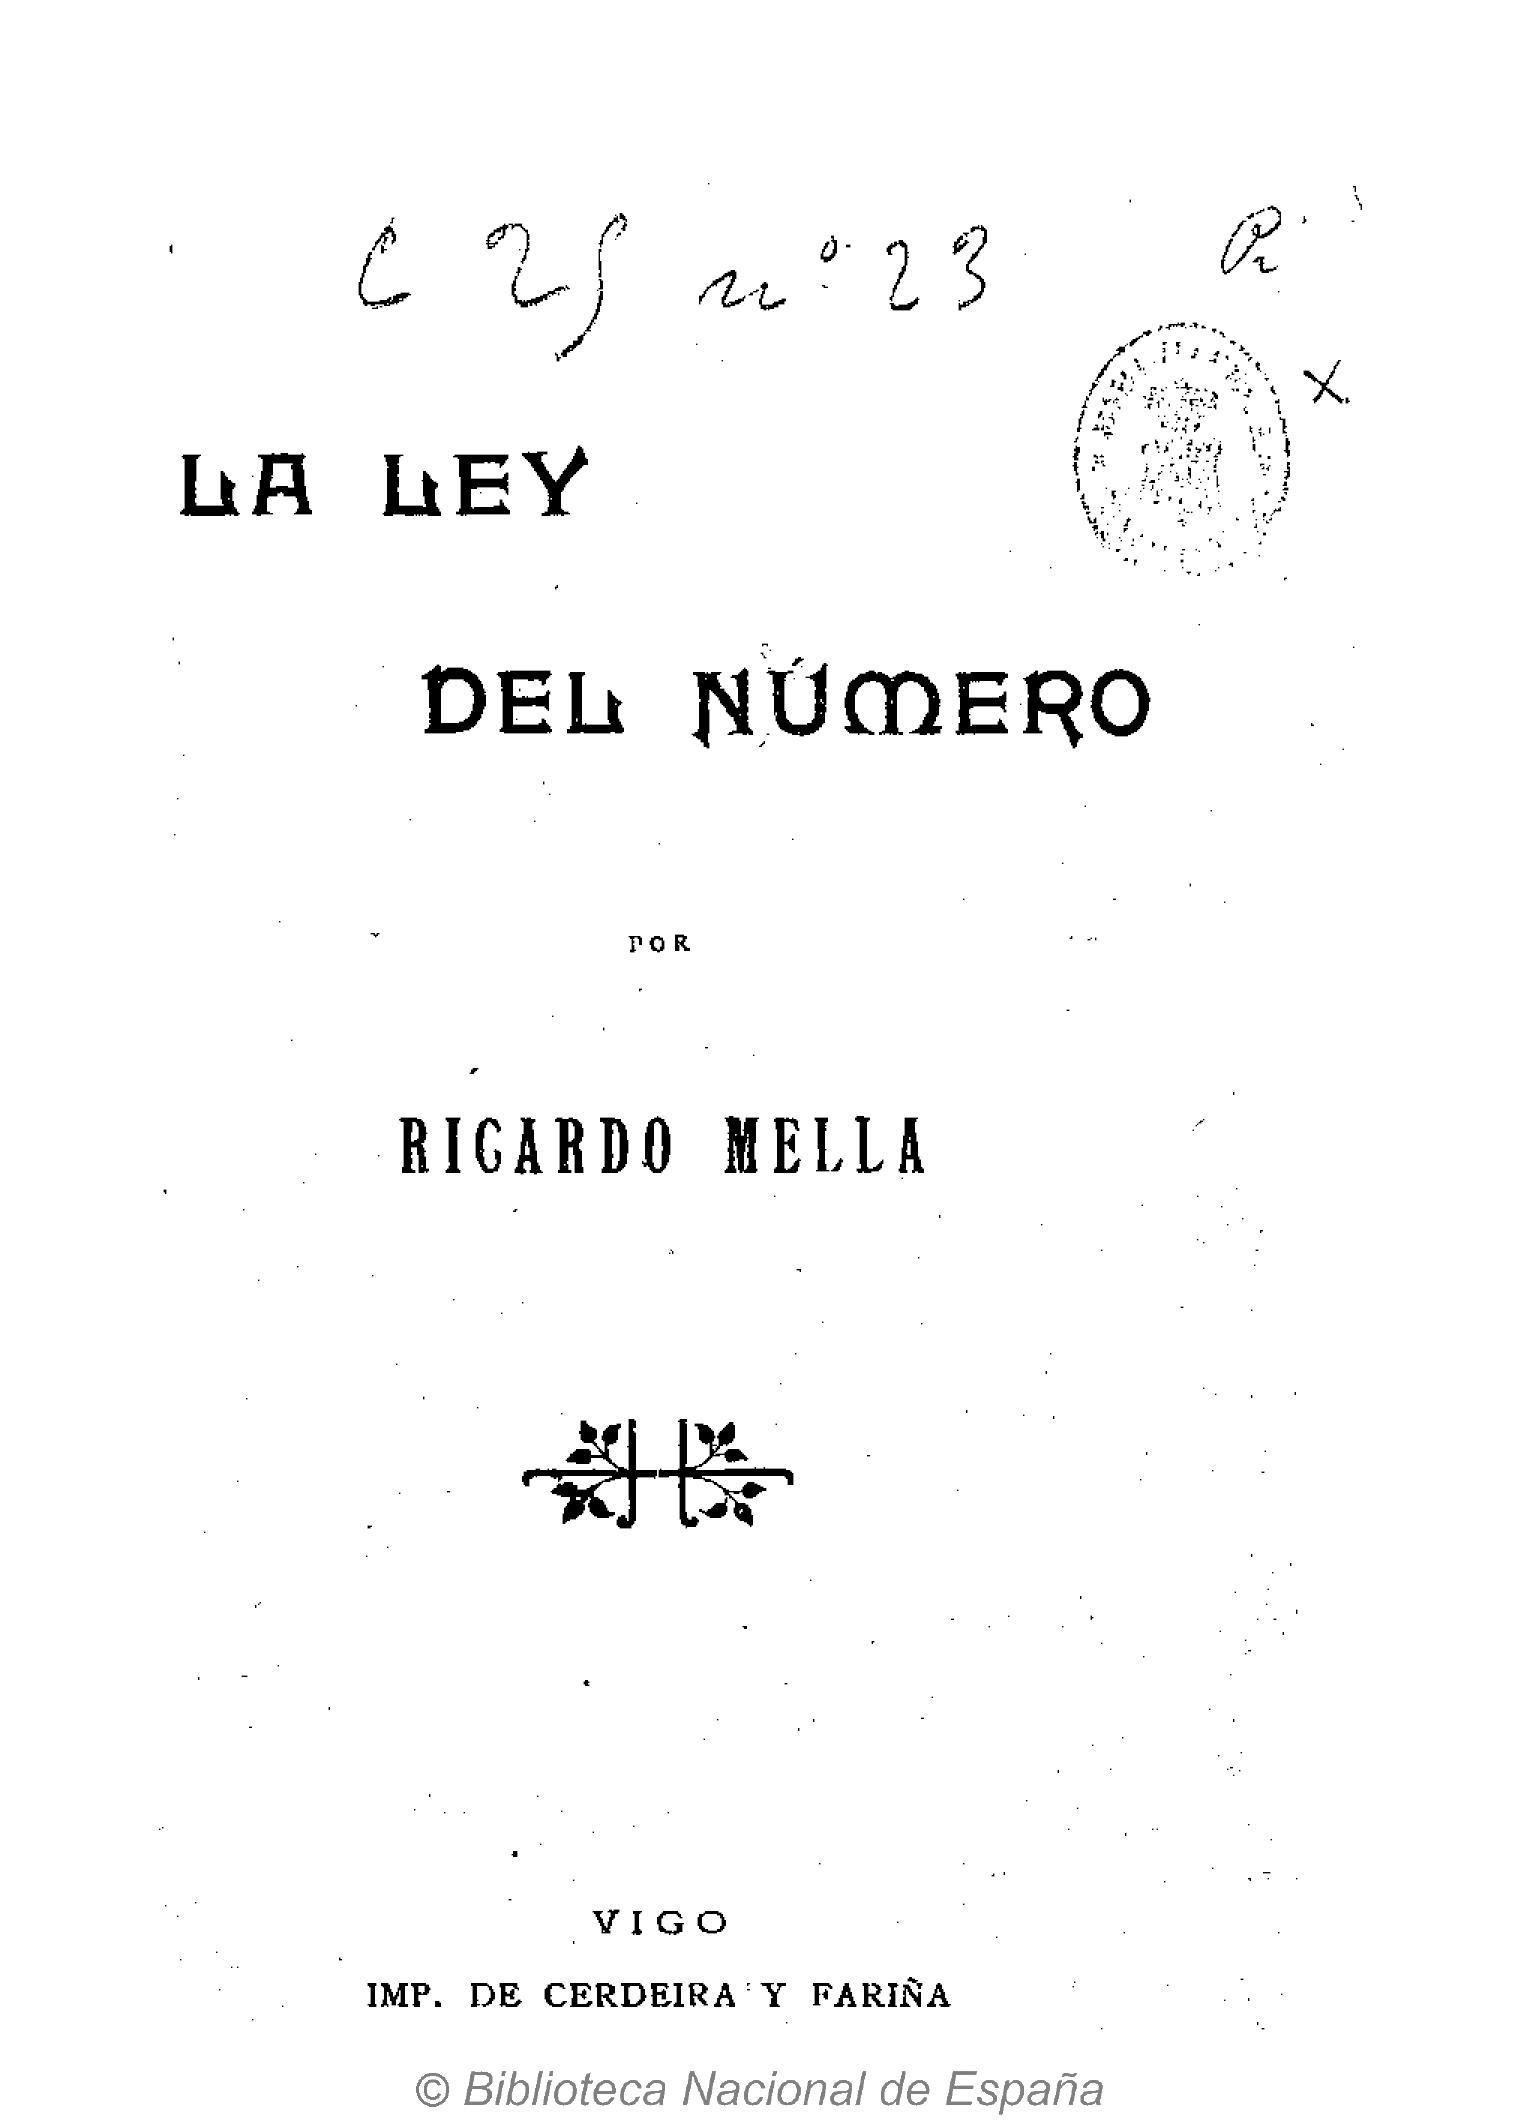 Ejemplar de la Biblioteca Nacional de España, con dedicatoria autógrafa del Autor a Francisco Pi y Margall. Se declara en ella su admirador y discípulo (1899)